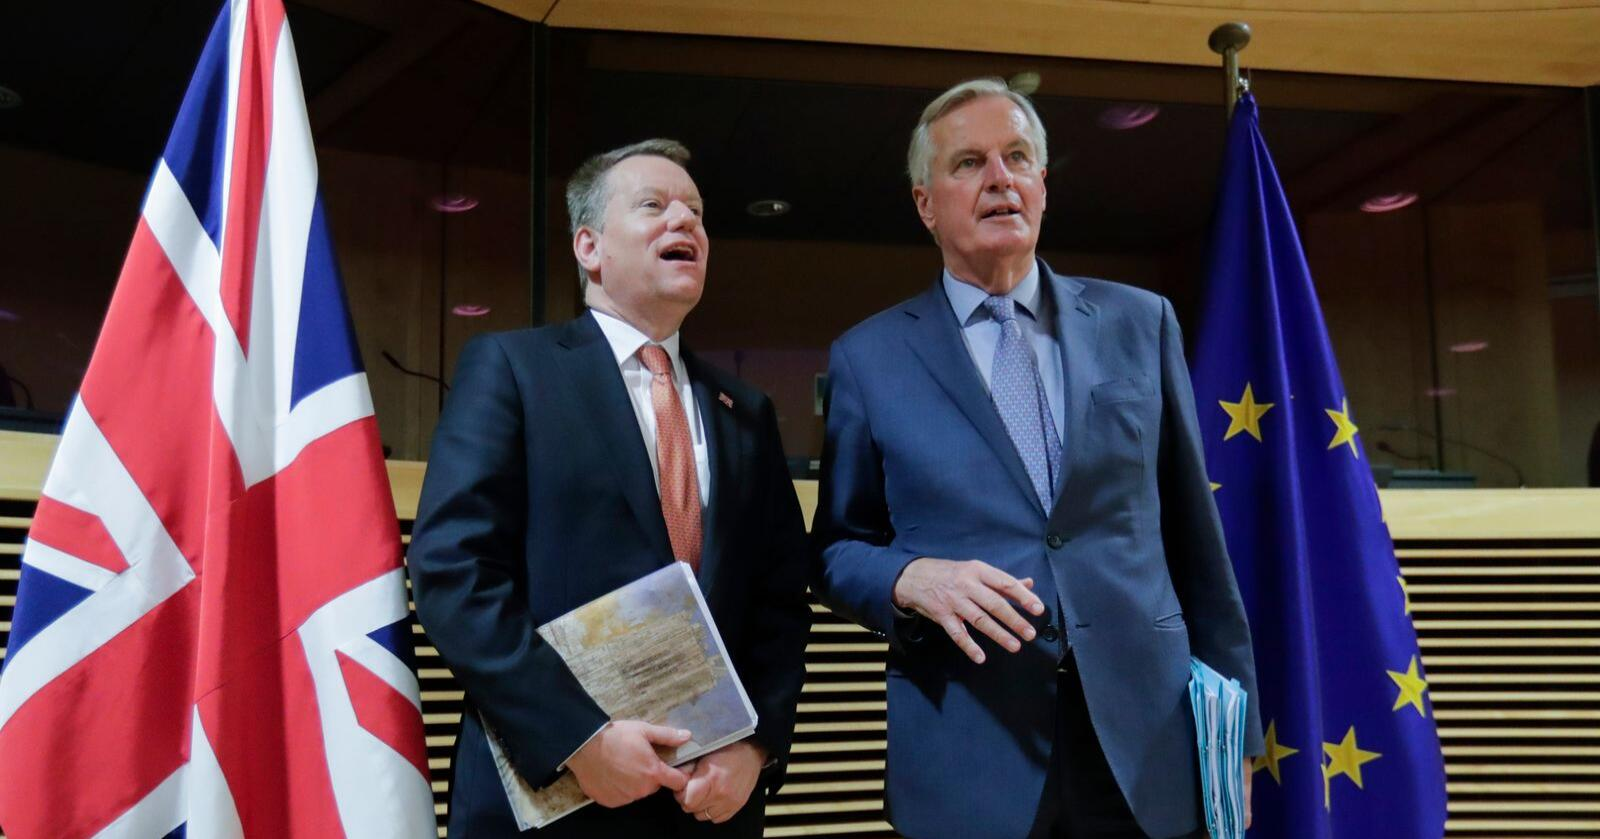 David Frost (t.v.) og Michel Barnier har denne uken ledet en ny forhandlingsrunde mellom EU og Storbritannia, den fjerde siden britene gikk ut av EU i vinter. Arkivfoto: Olivier Hoslet / AP / NTB scanpix